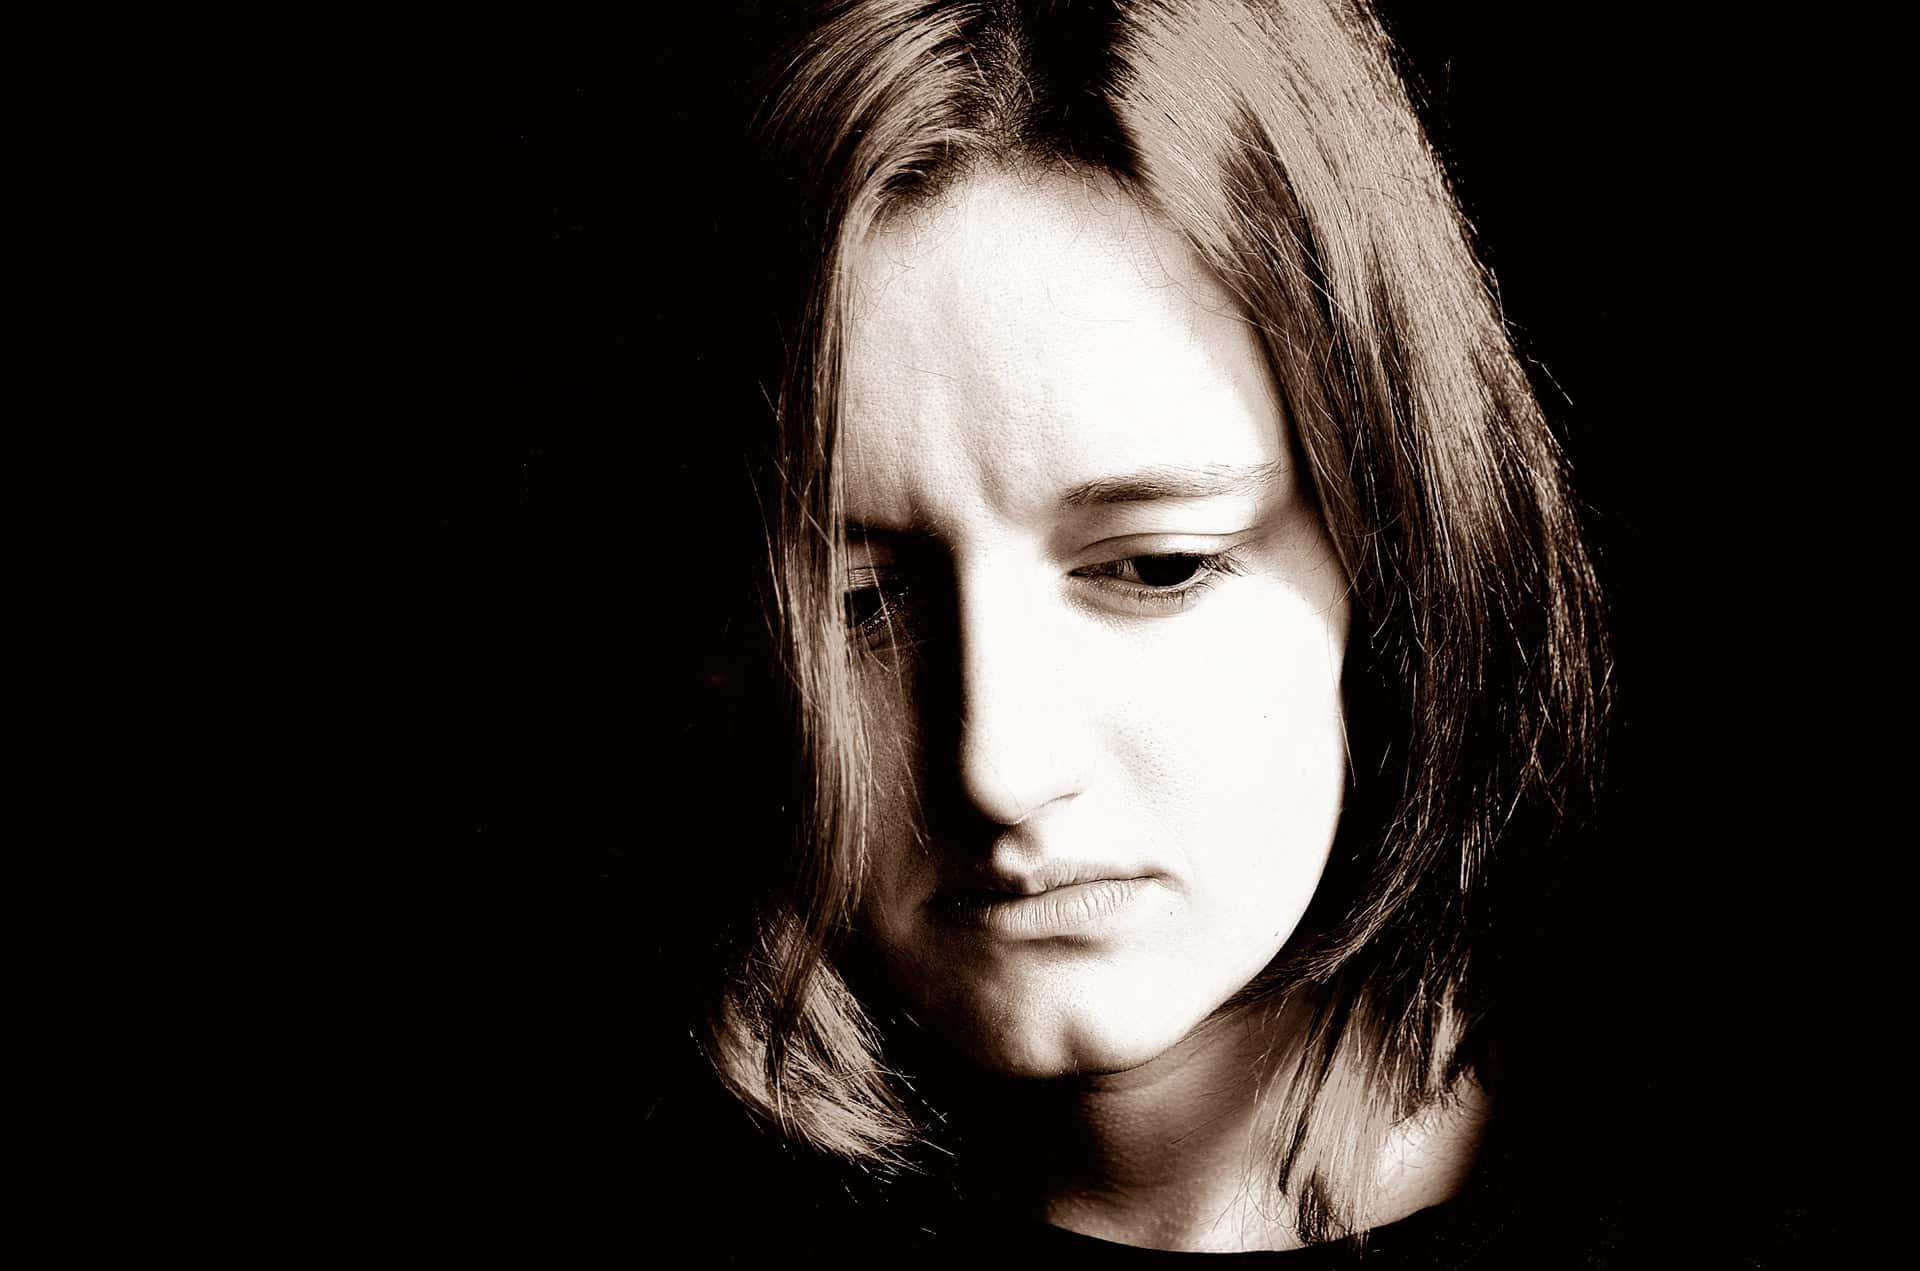 signes physiques d'une tristesse